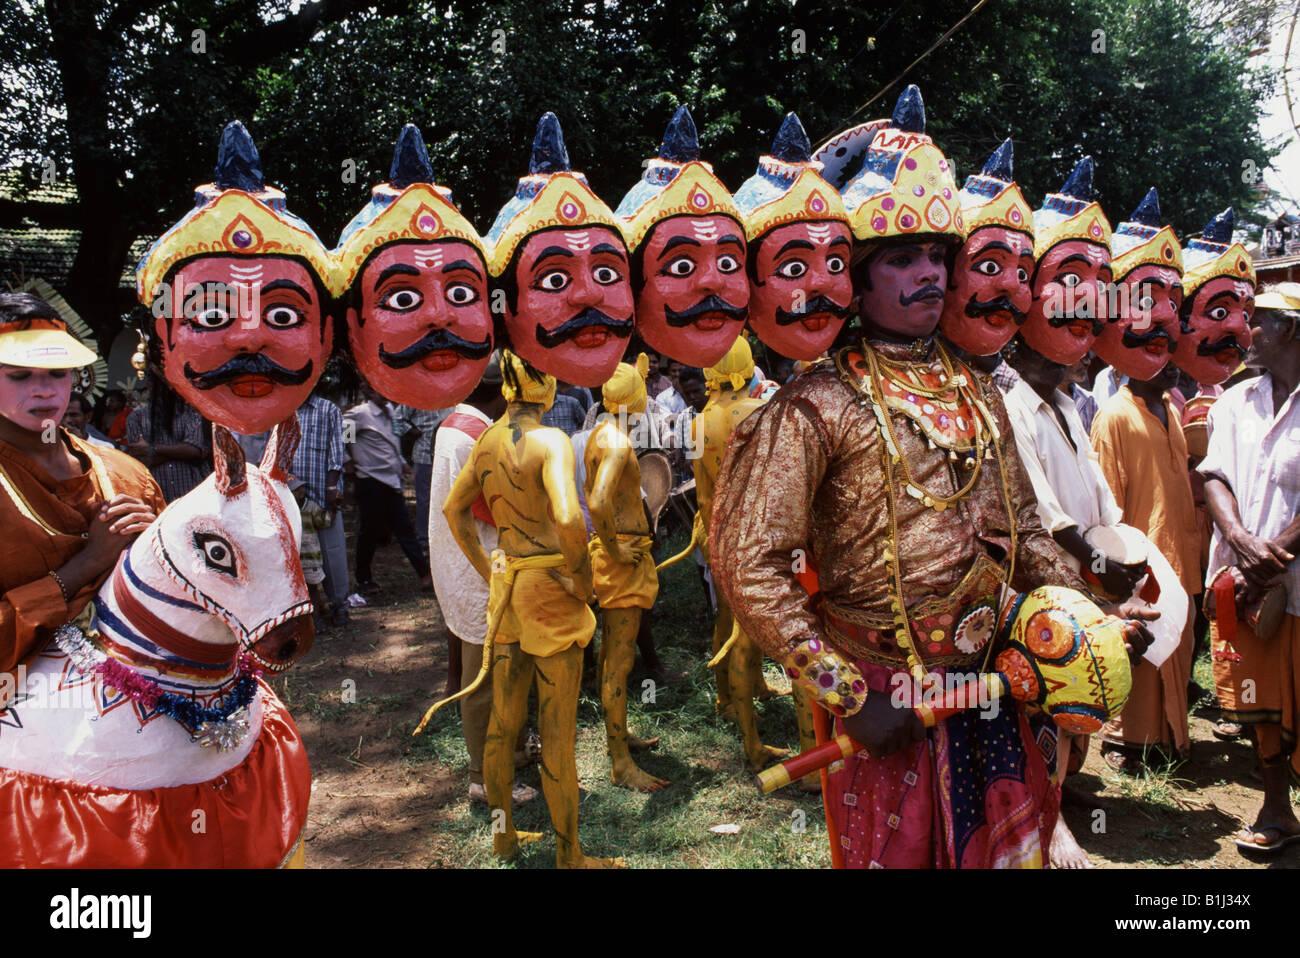 Man dressed as the Ravana a ten headed king of demons in ...